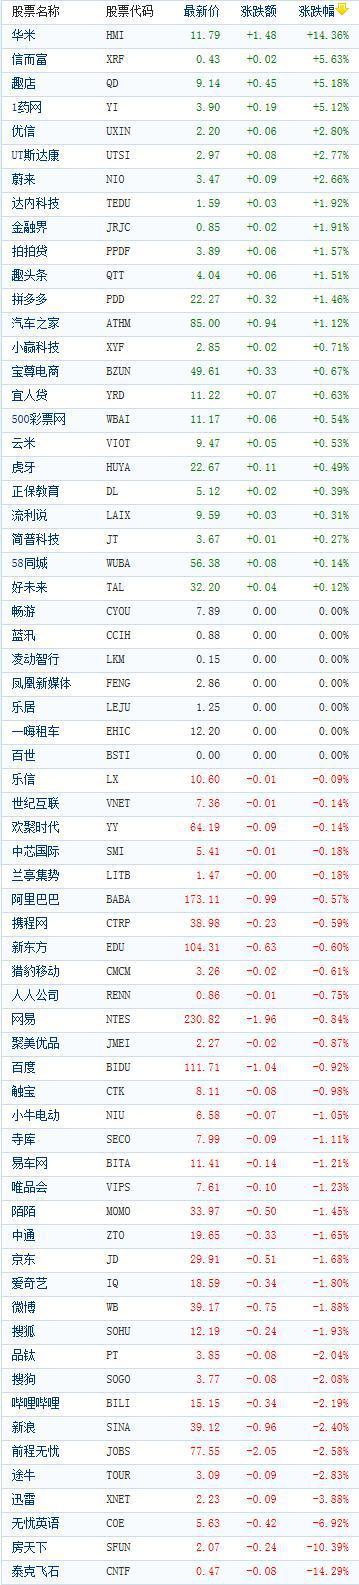 美股中概股指数下跌0.7%,连续三天收低